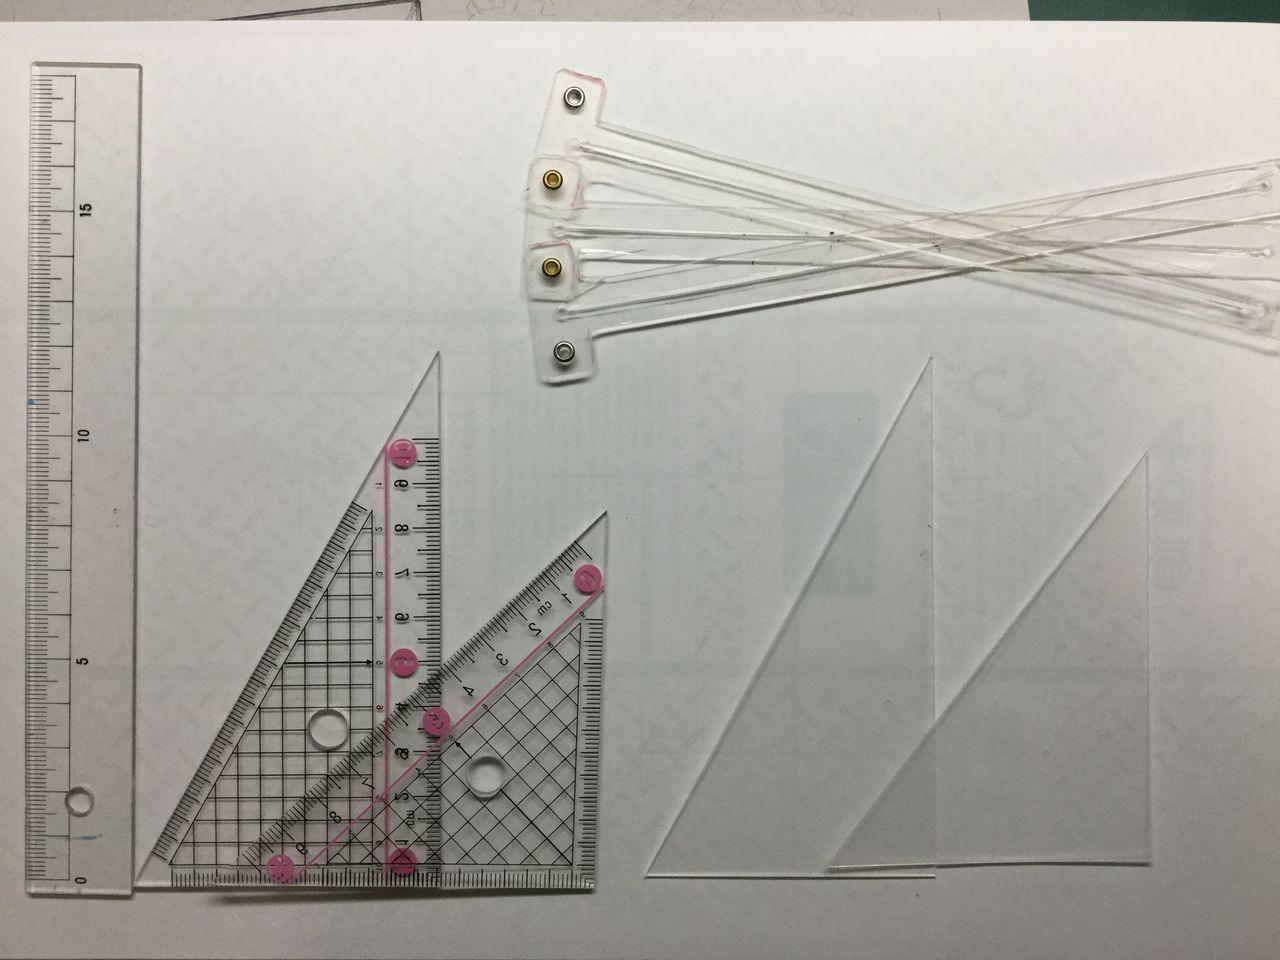 発想力教育研究所 素数誕生のメカニズム  数論と幾何学をつなぐピタゴラスの定理と 古代ギリシャの3大未解決難問コメント